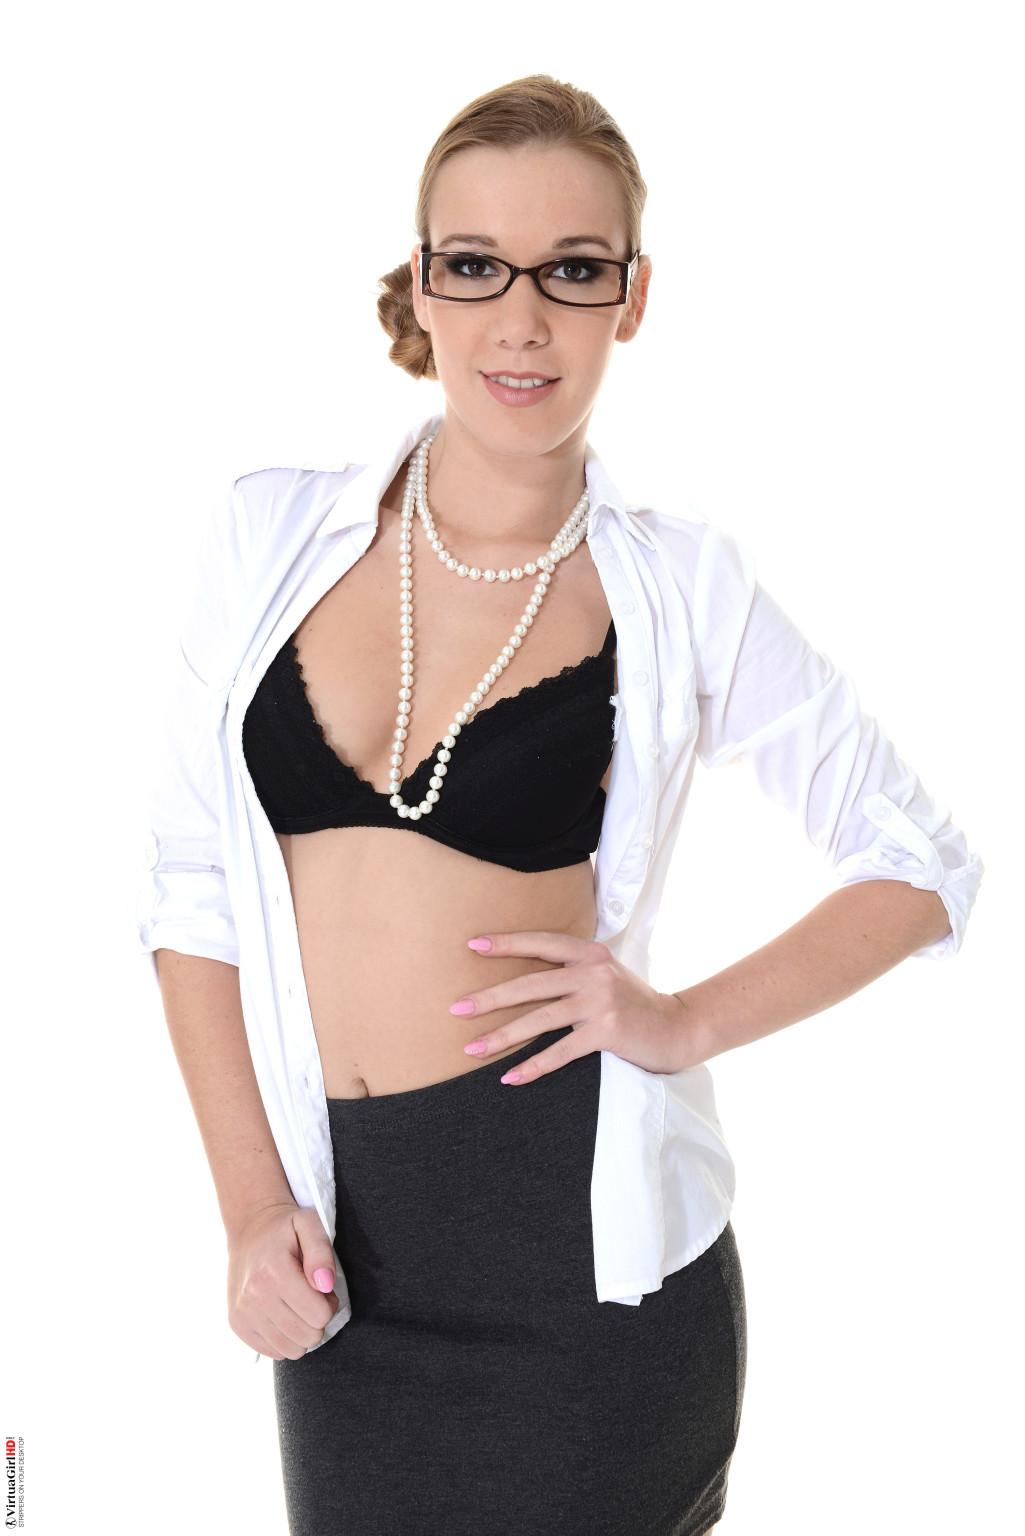 Alexis Crystal - На каблуках - Галерея № 3412138